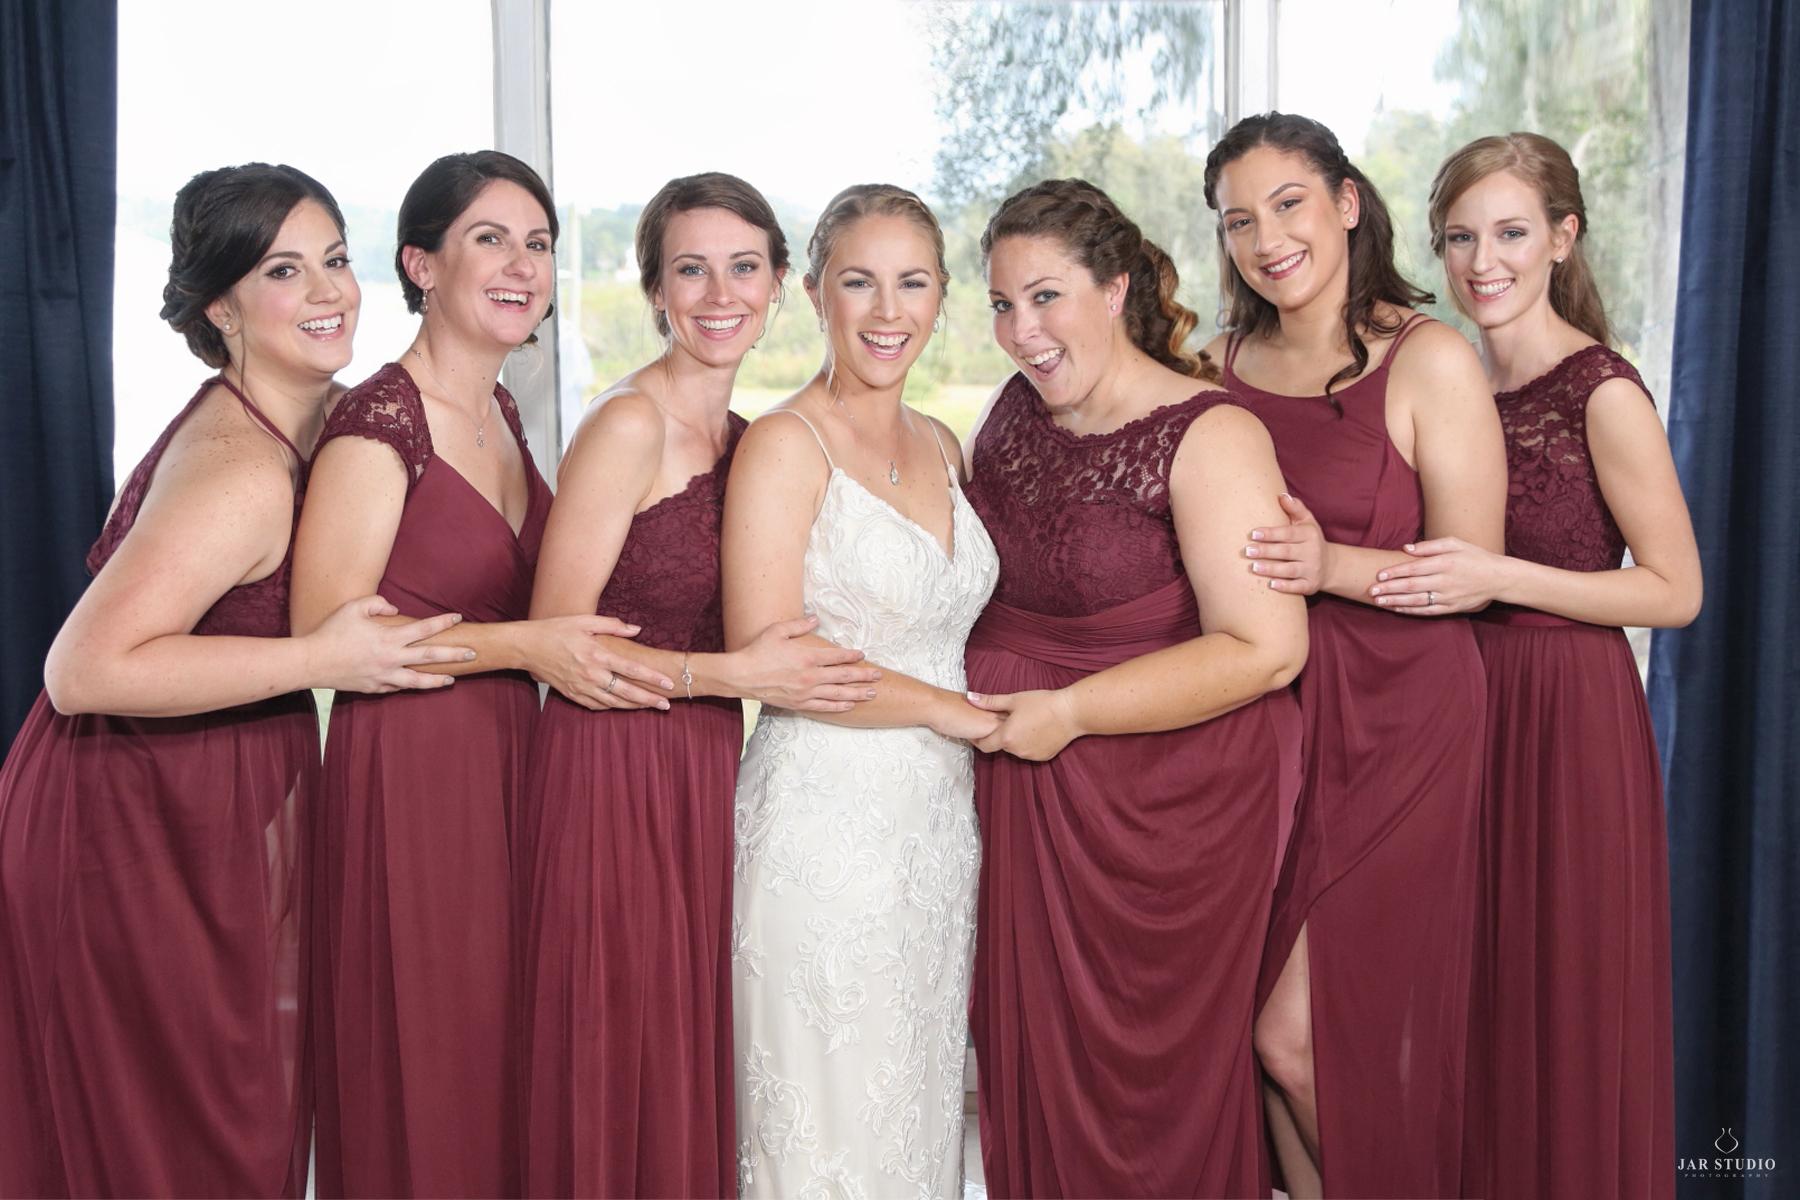 jarstudio-wedding-photographer-103.JPG